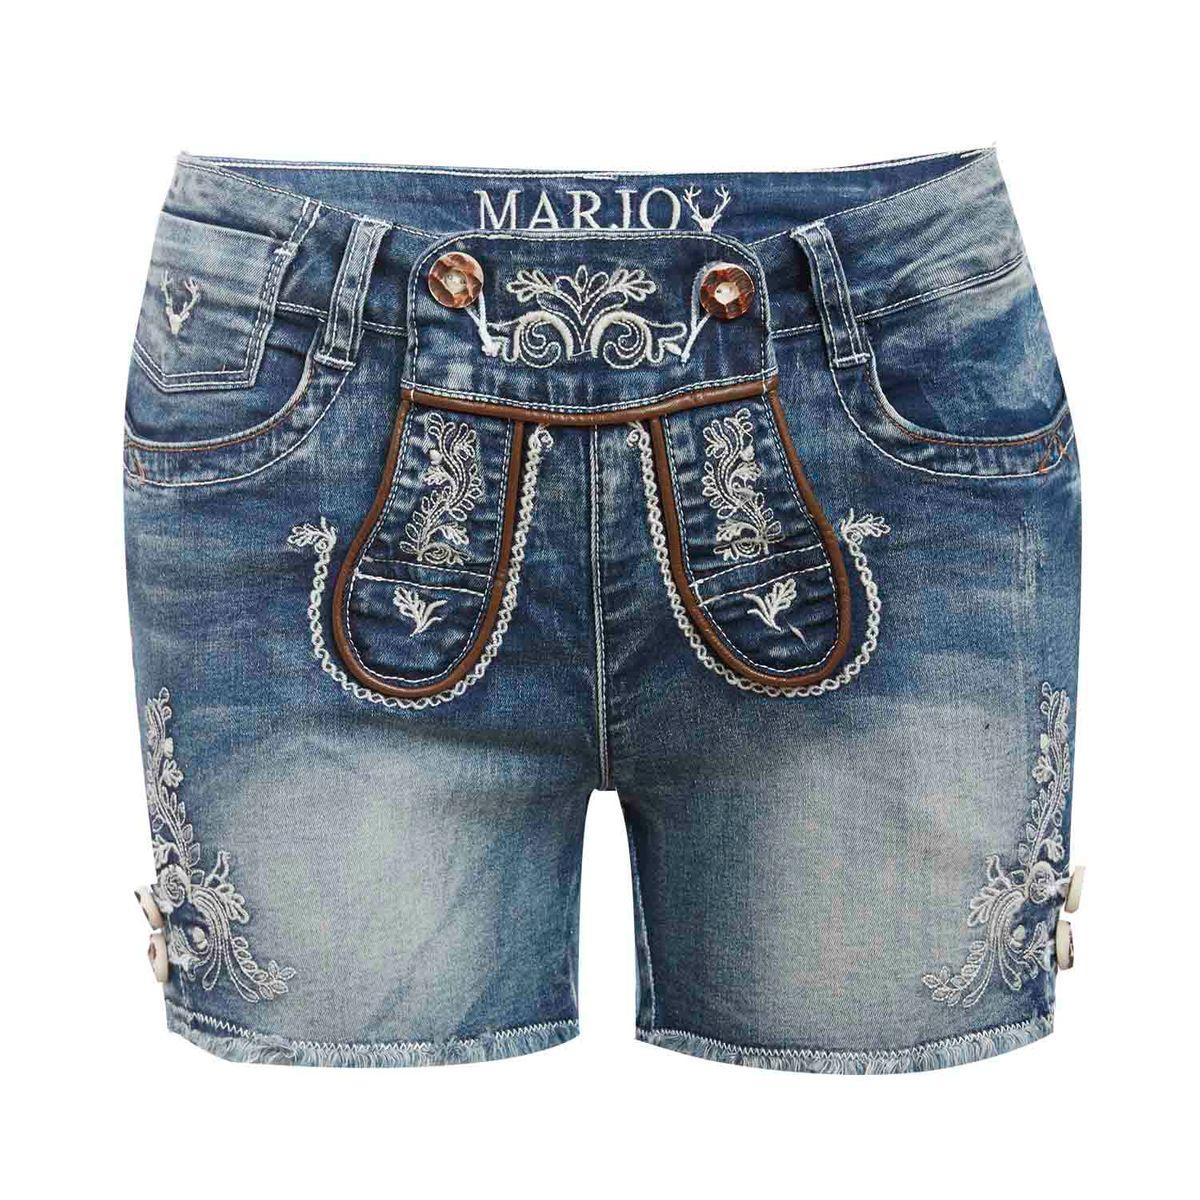 Kurze Jeans-Lederhose Franziska in Blau von Marjo Trachten